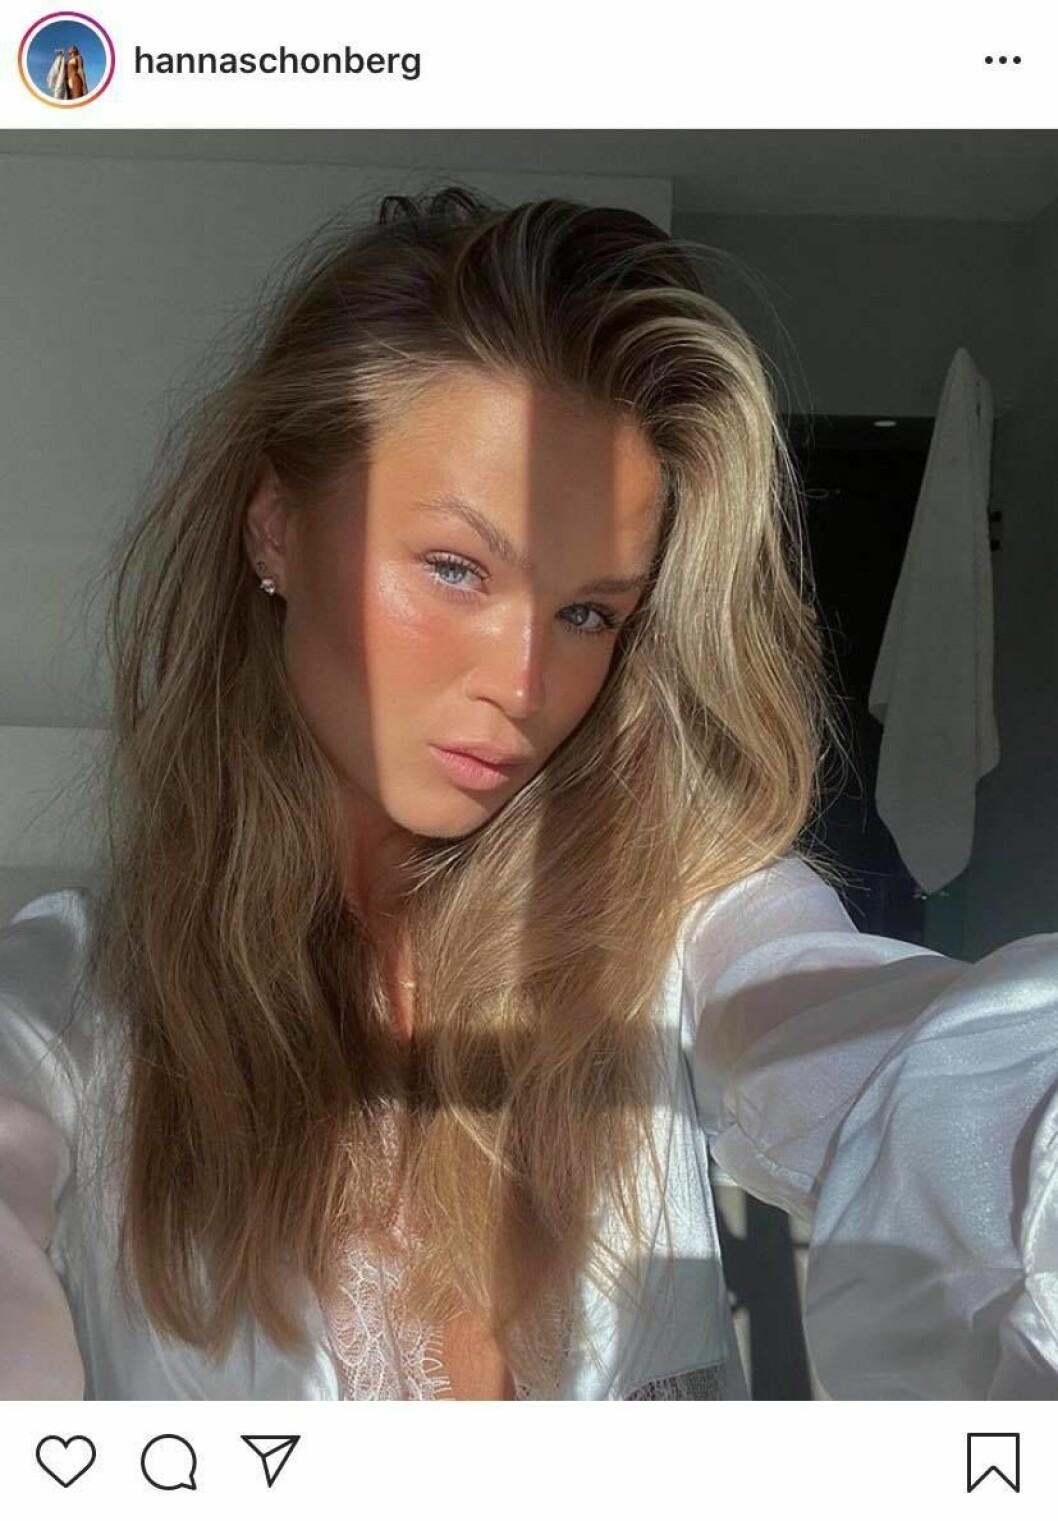 Hanna Schönberg på Instagram